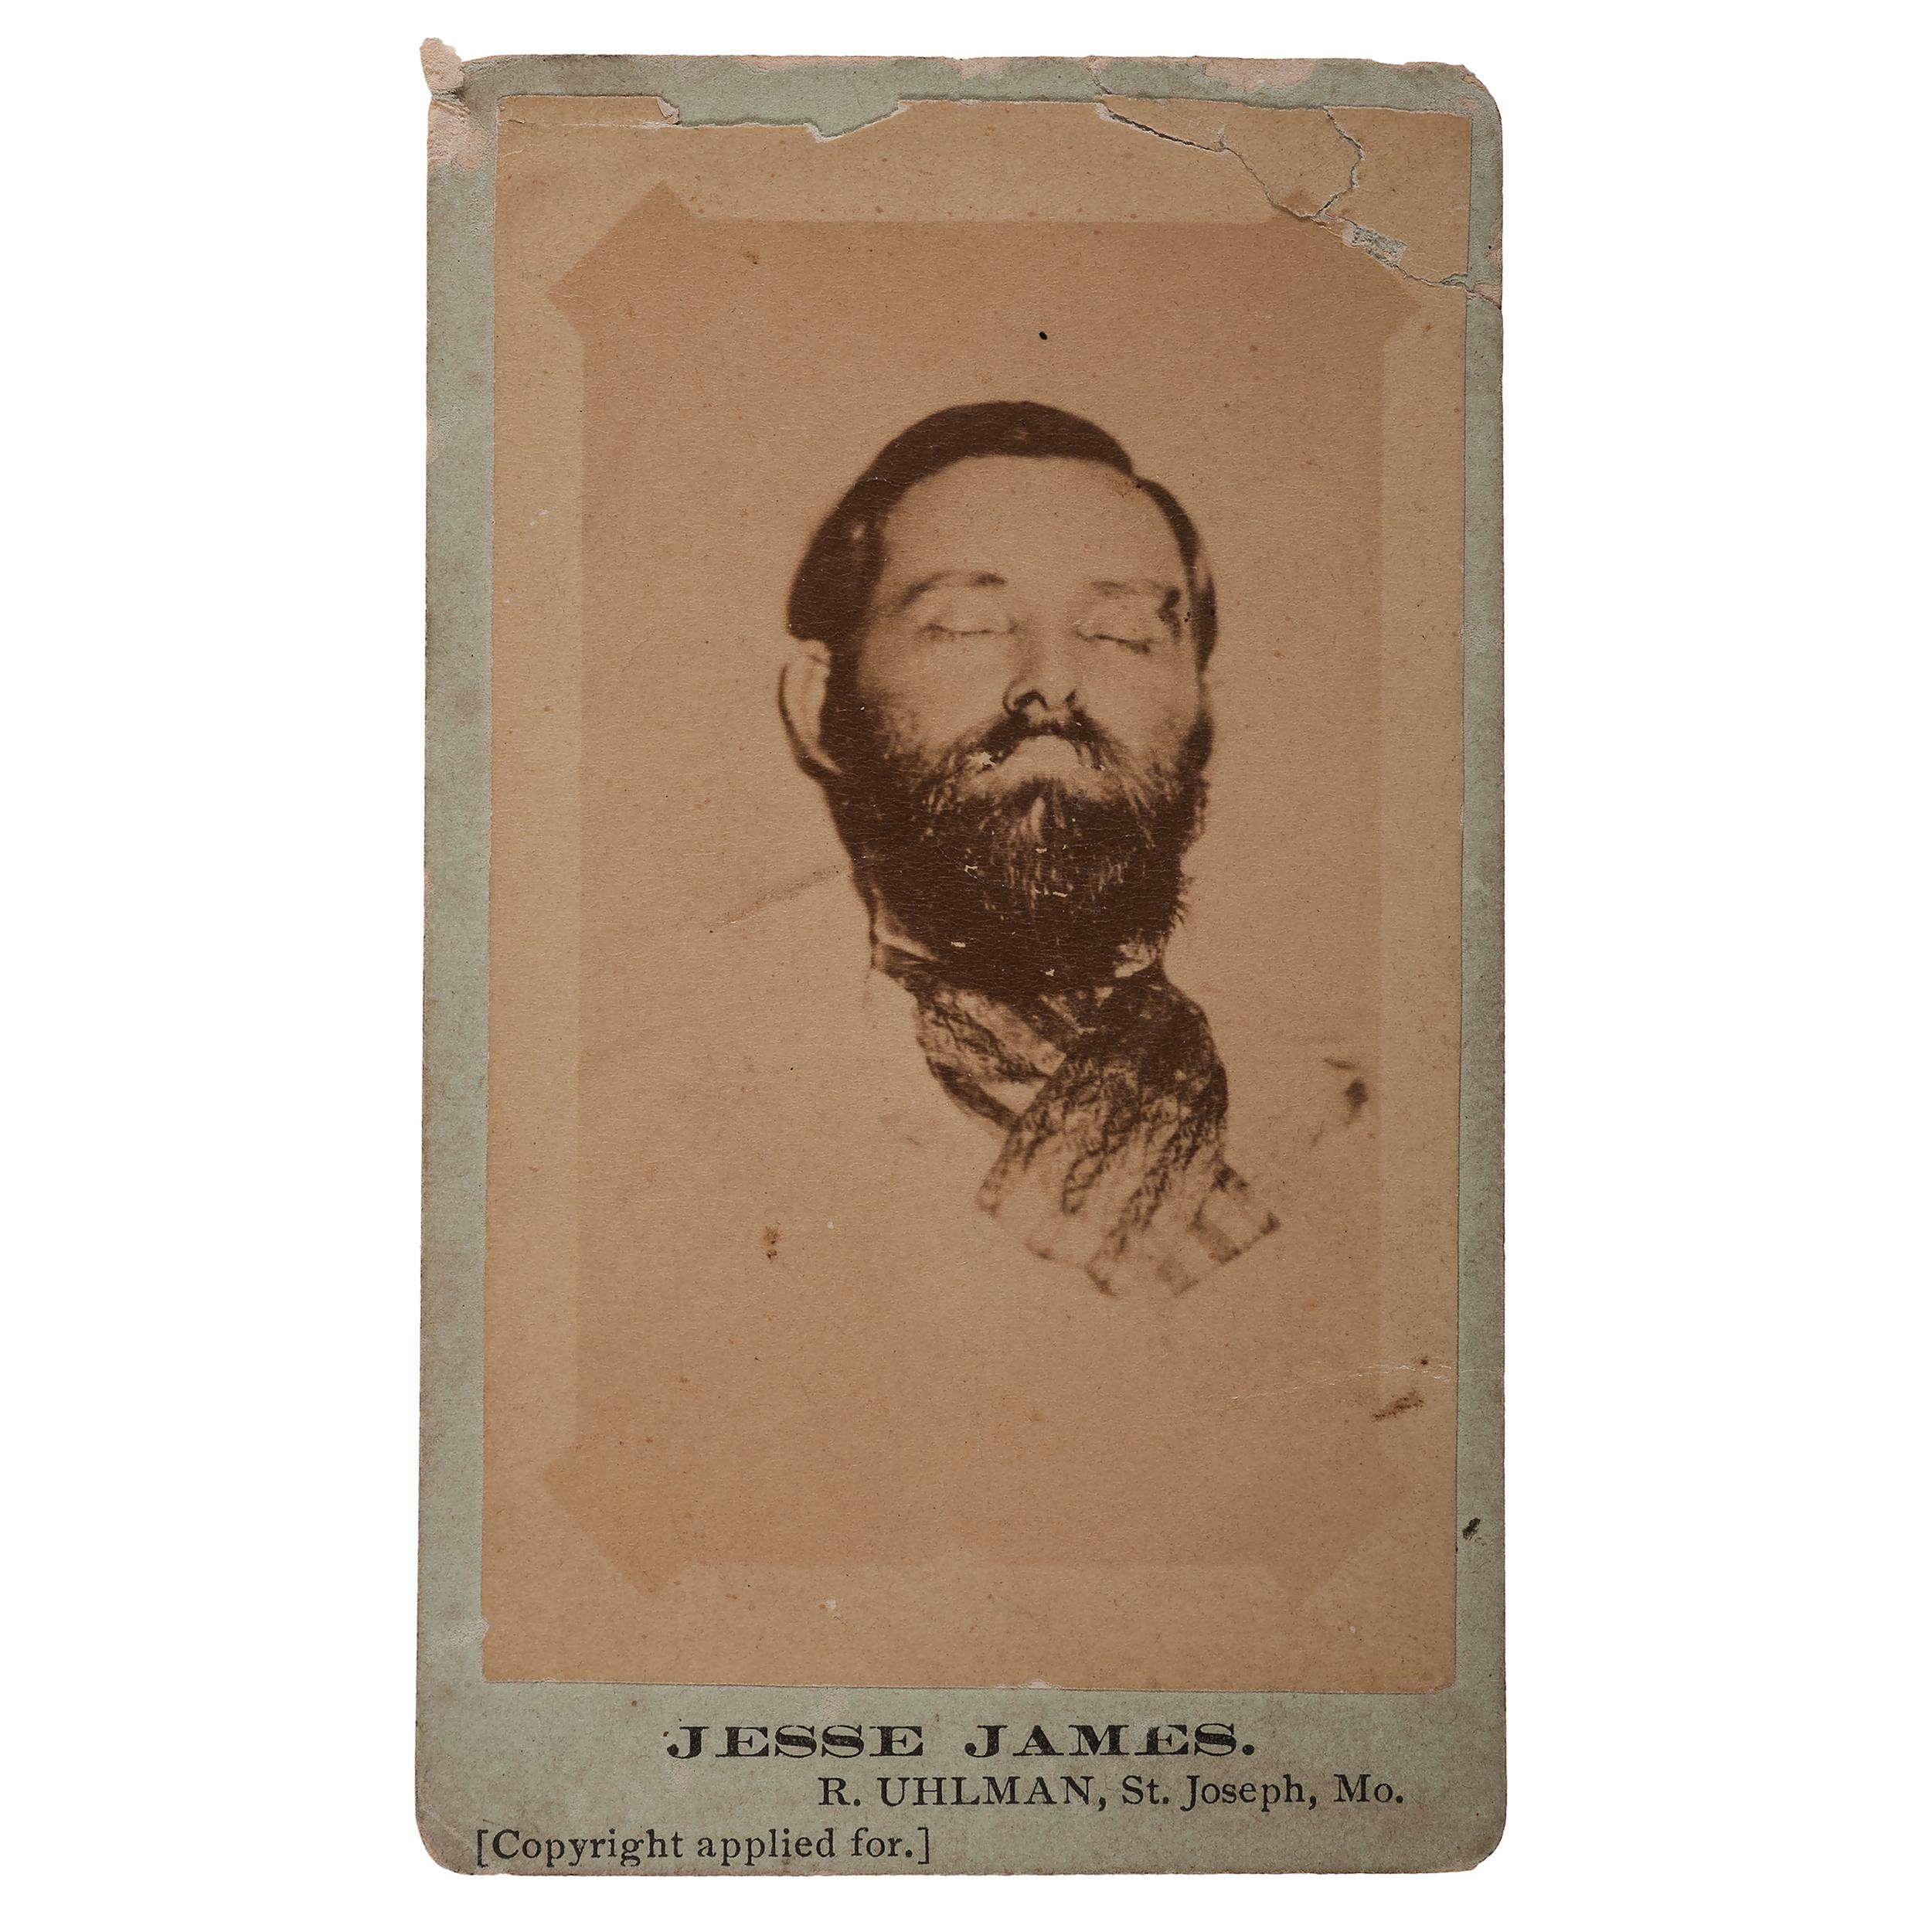 where was jesse james killed